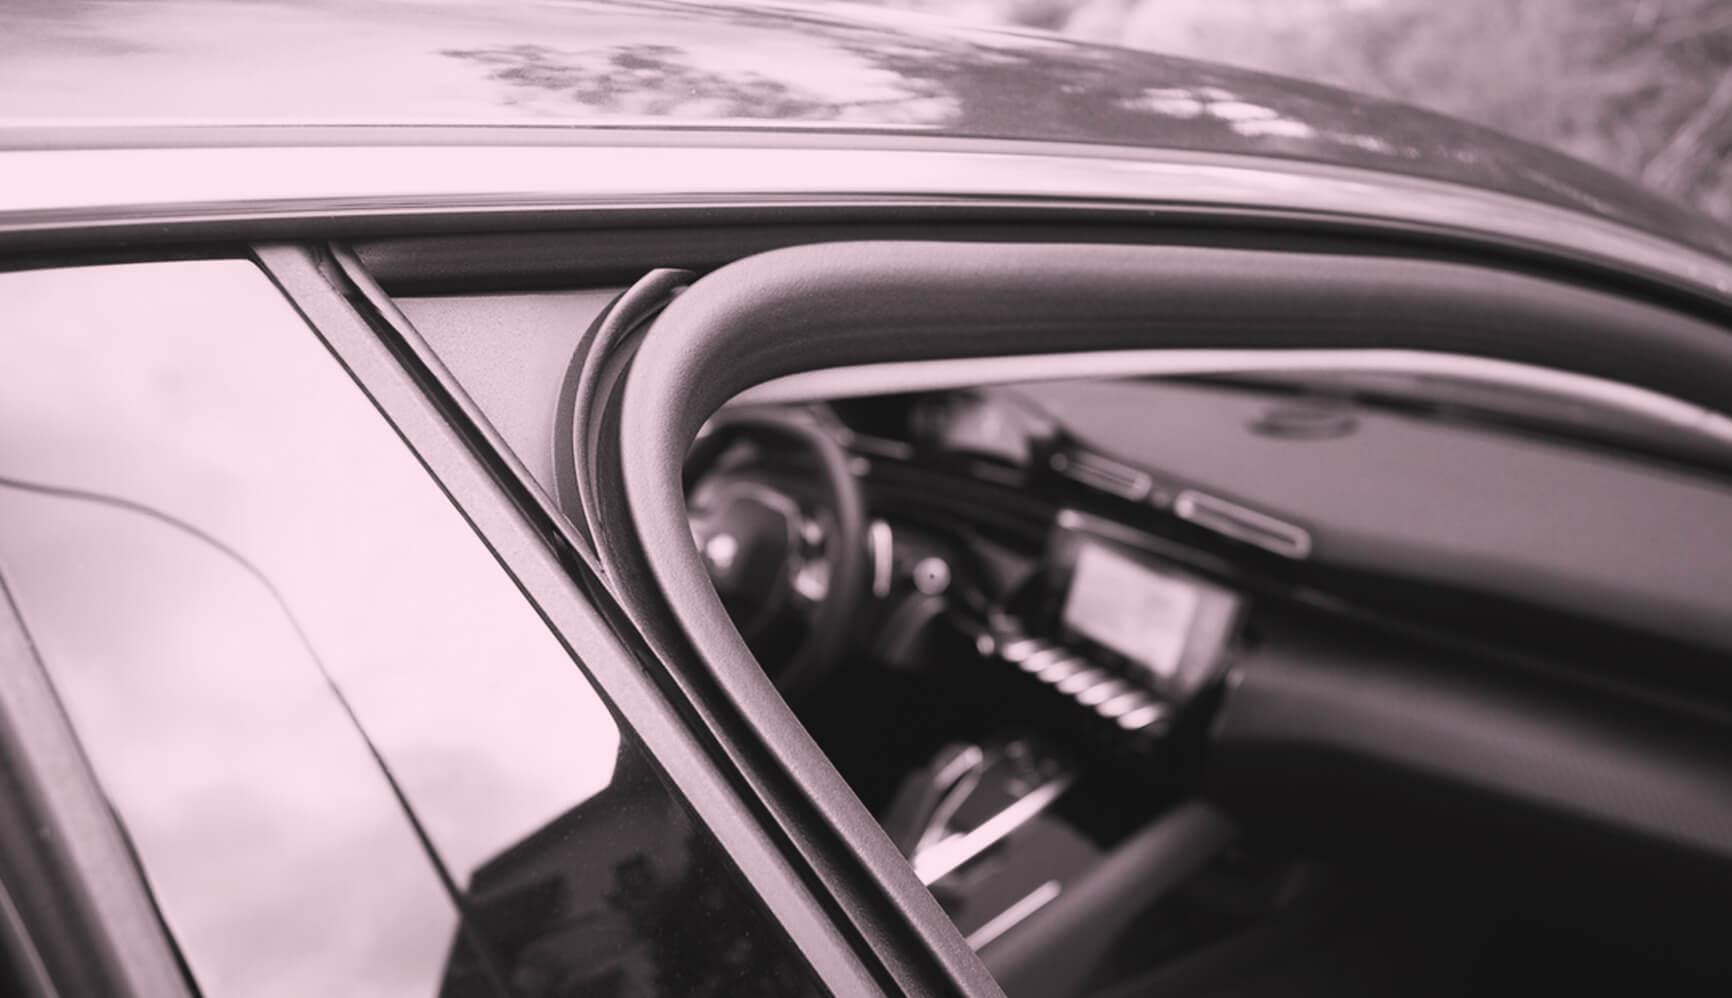 étanchéité automobile